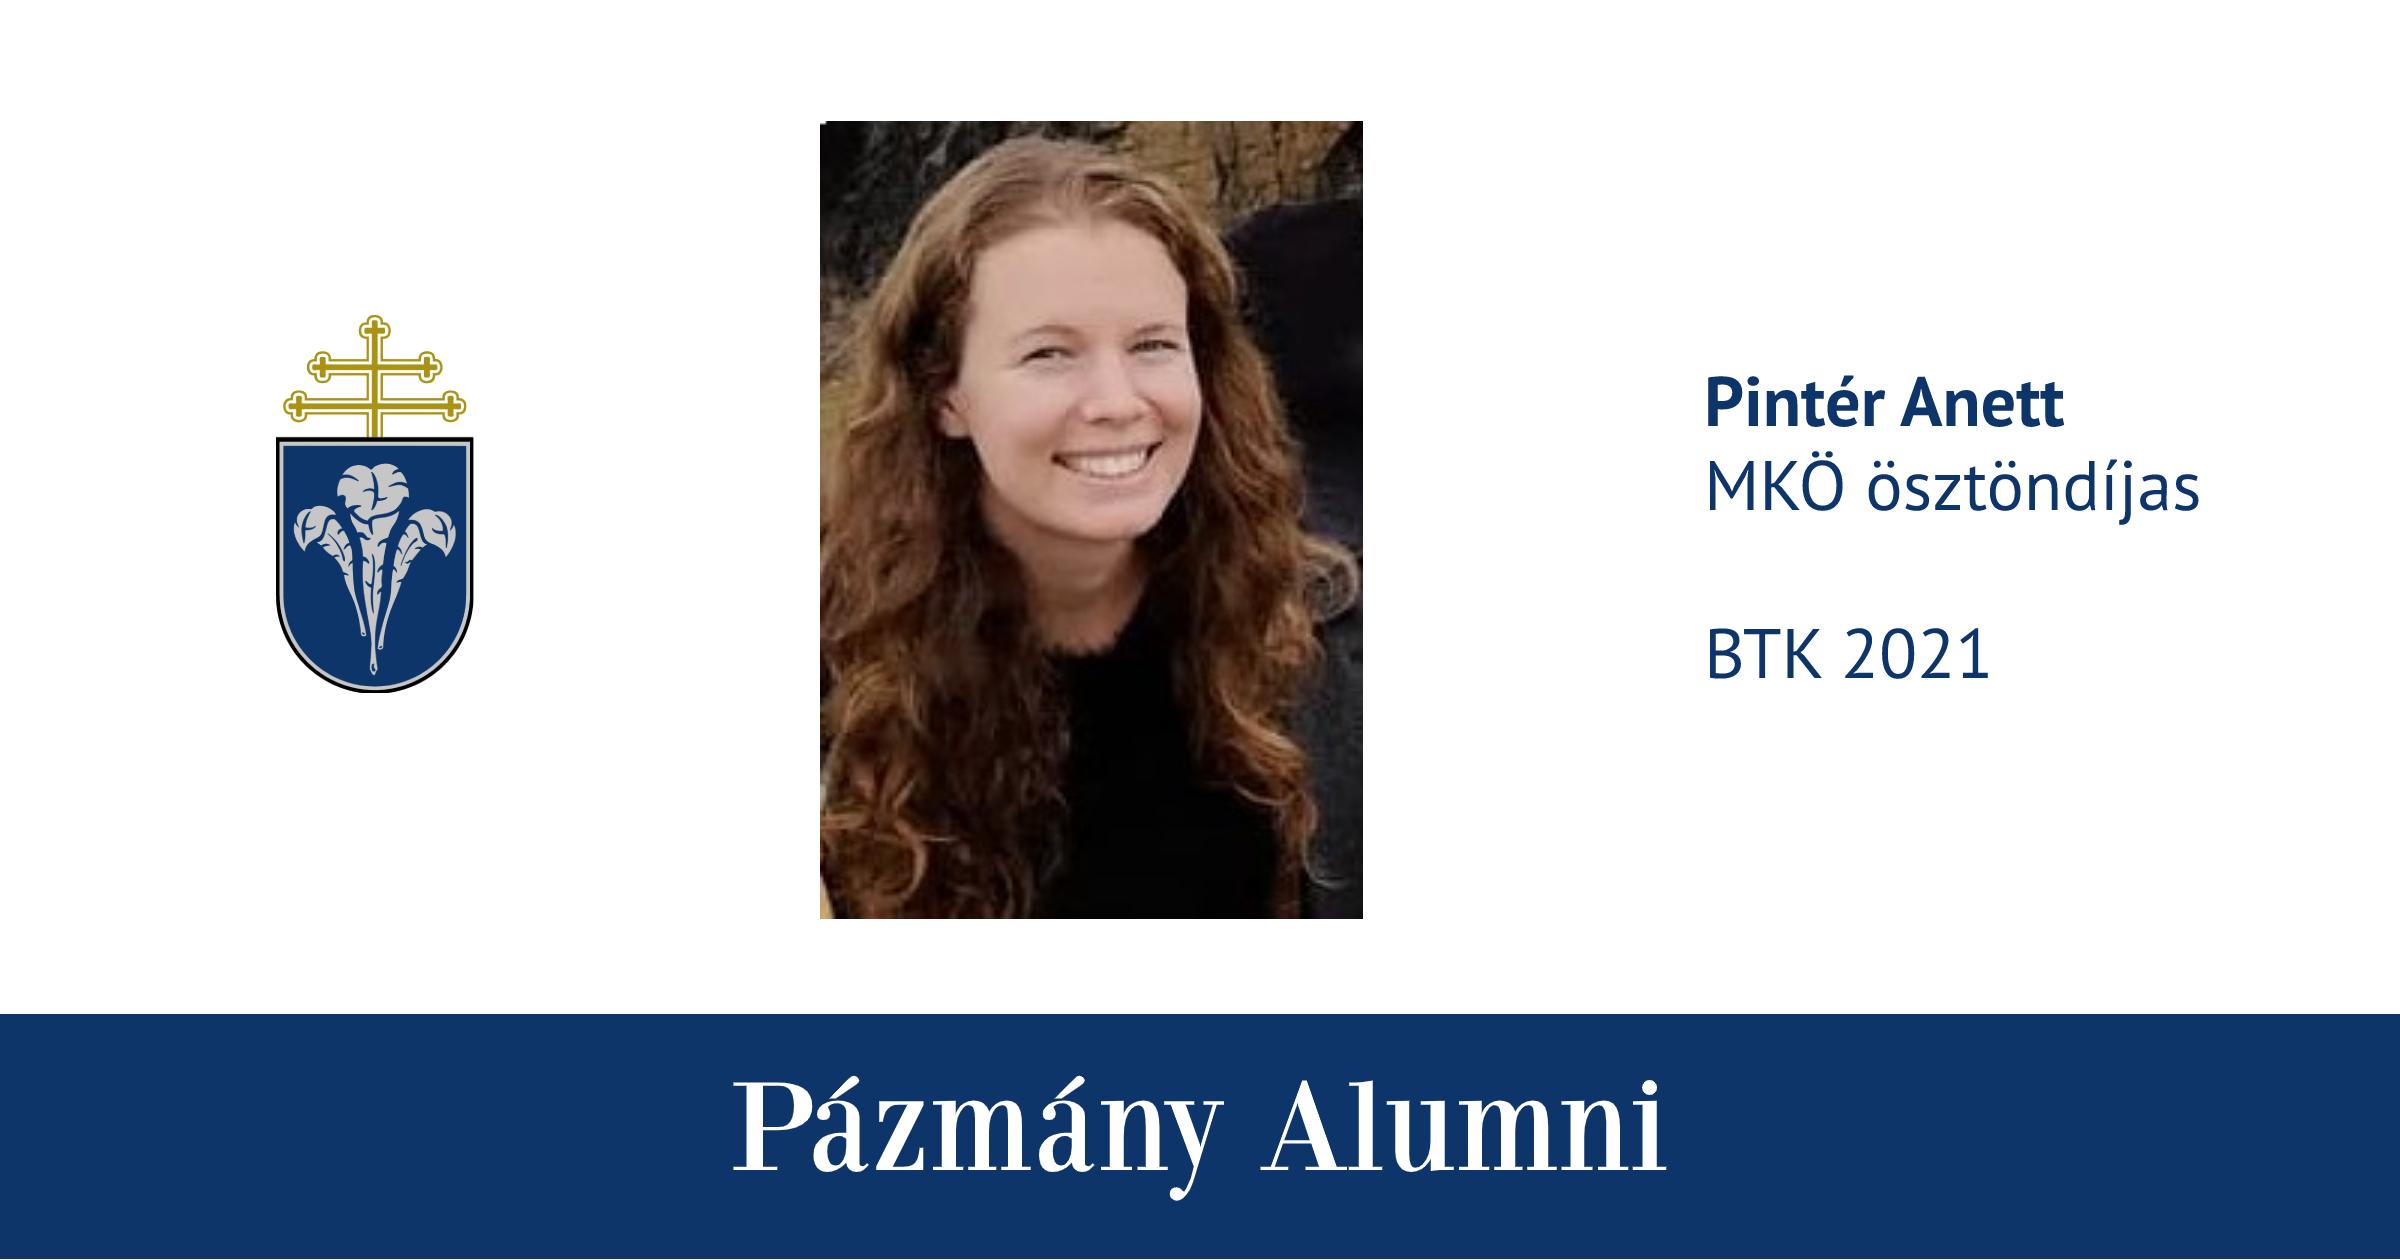 Pázmány Alumni: interjú Pintér Anettel, a BTK egykori hallgatójával